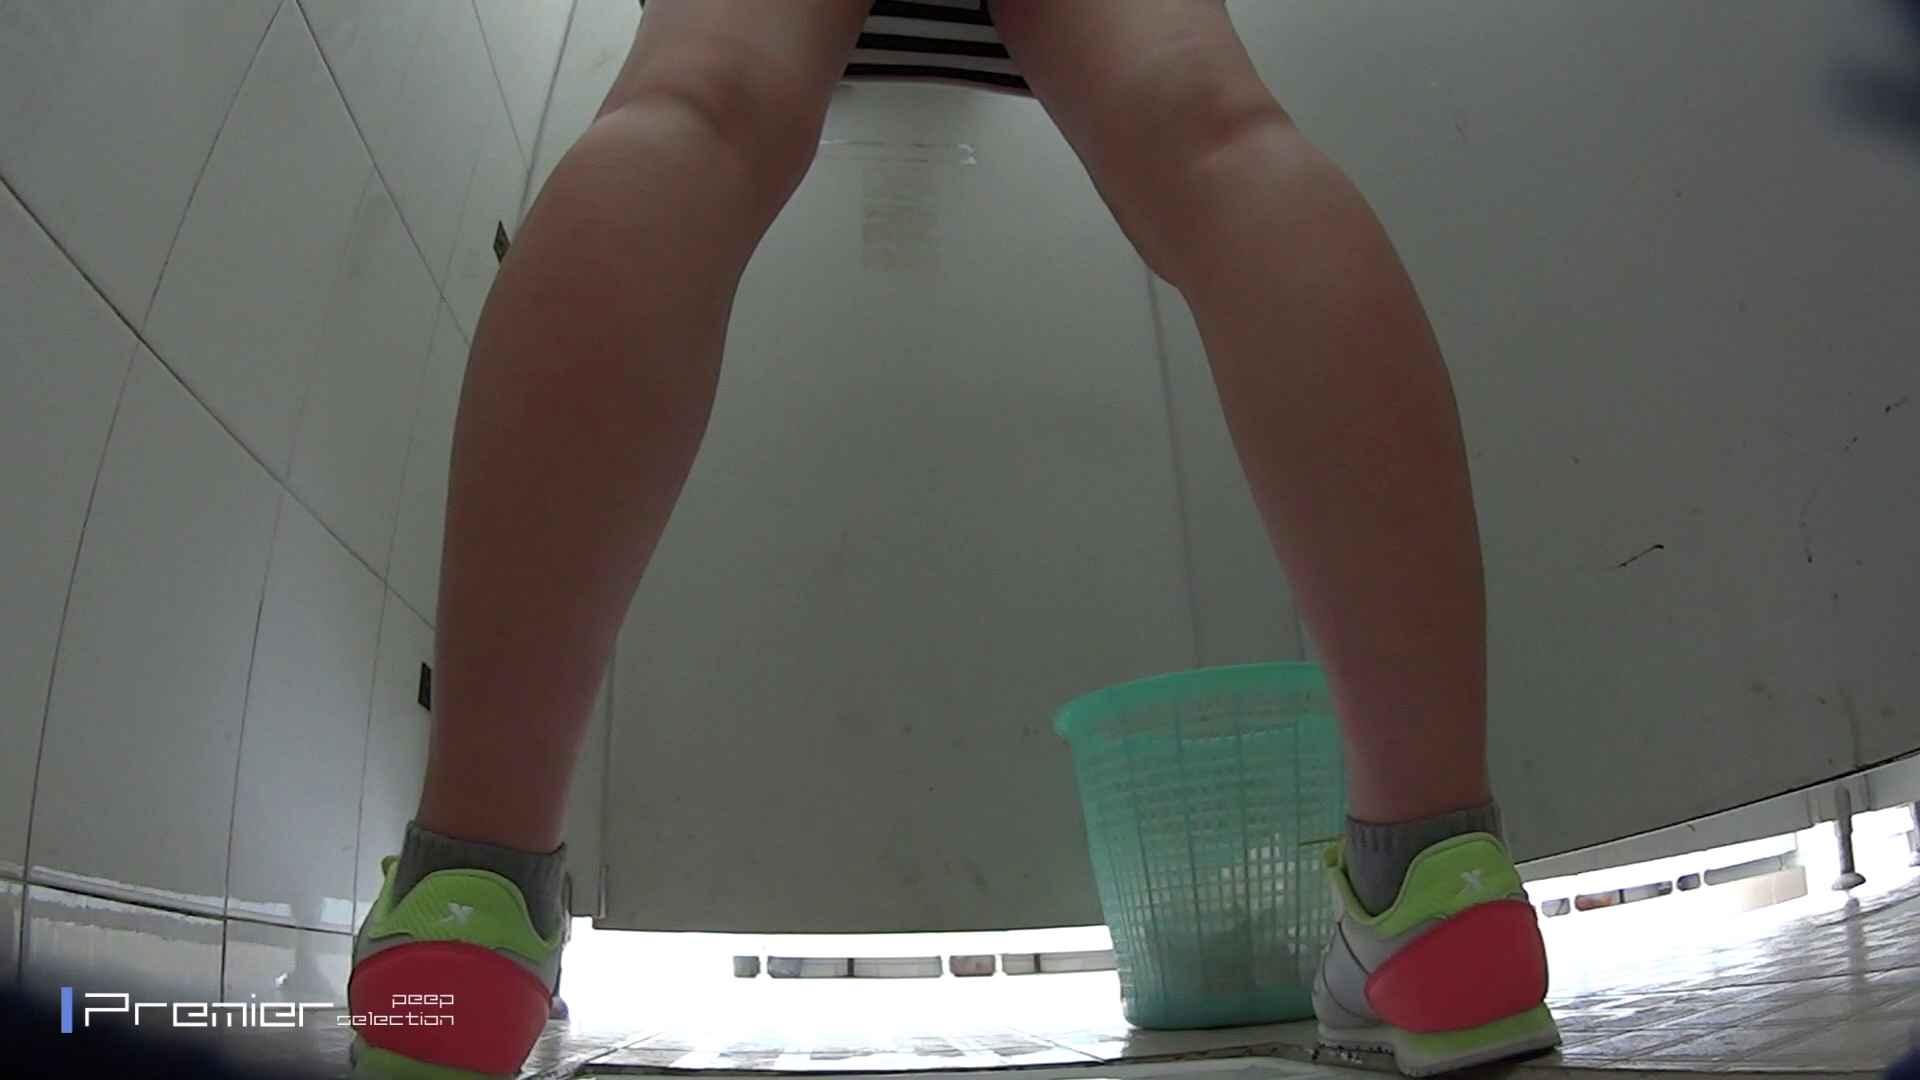 美しい女良たちのトイレ事情 有名大学休憩時間の洗面所事情06 盗撮エロすぎ | トイレ中  55連発 55